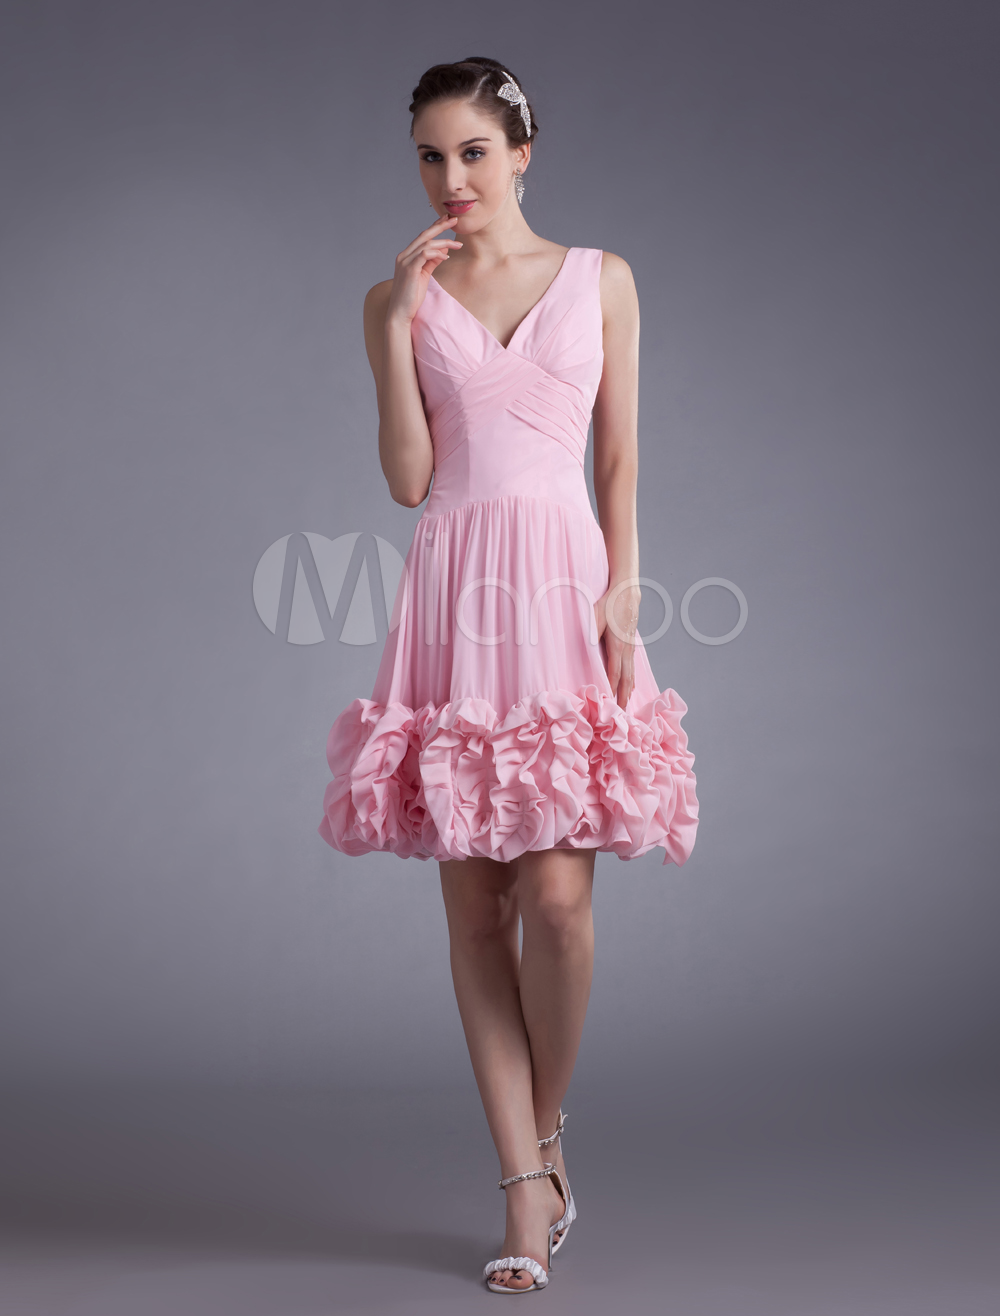 Pink Applique V Neck Chiffon Short Cocktail Dress For